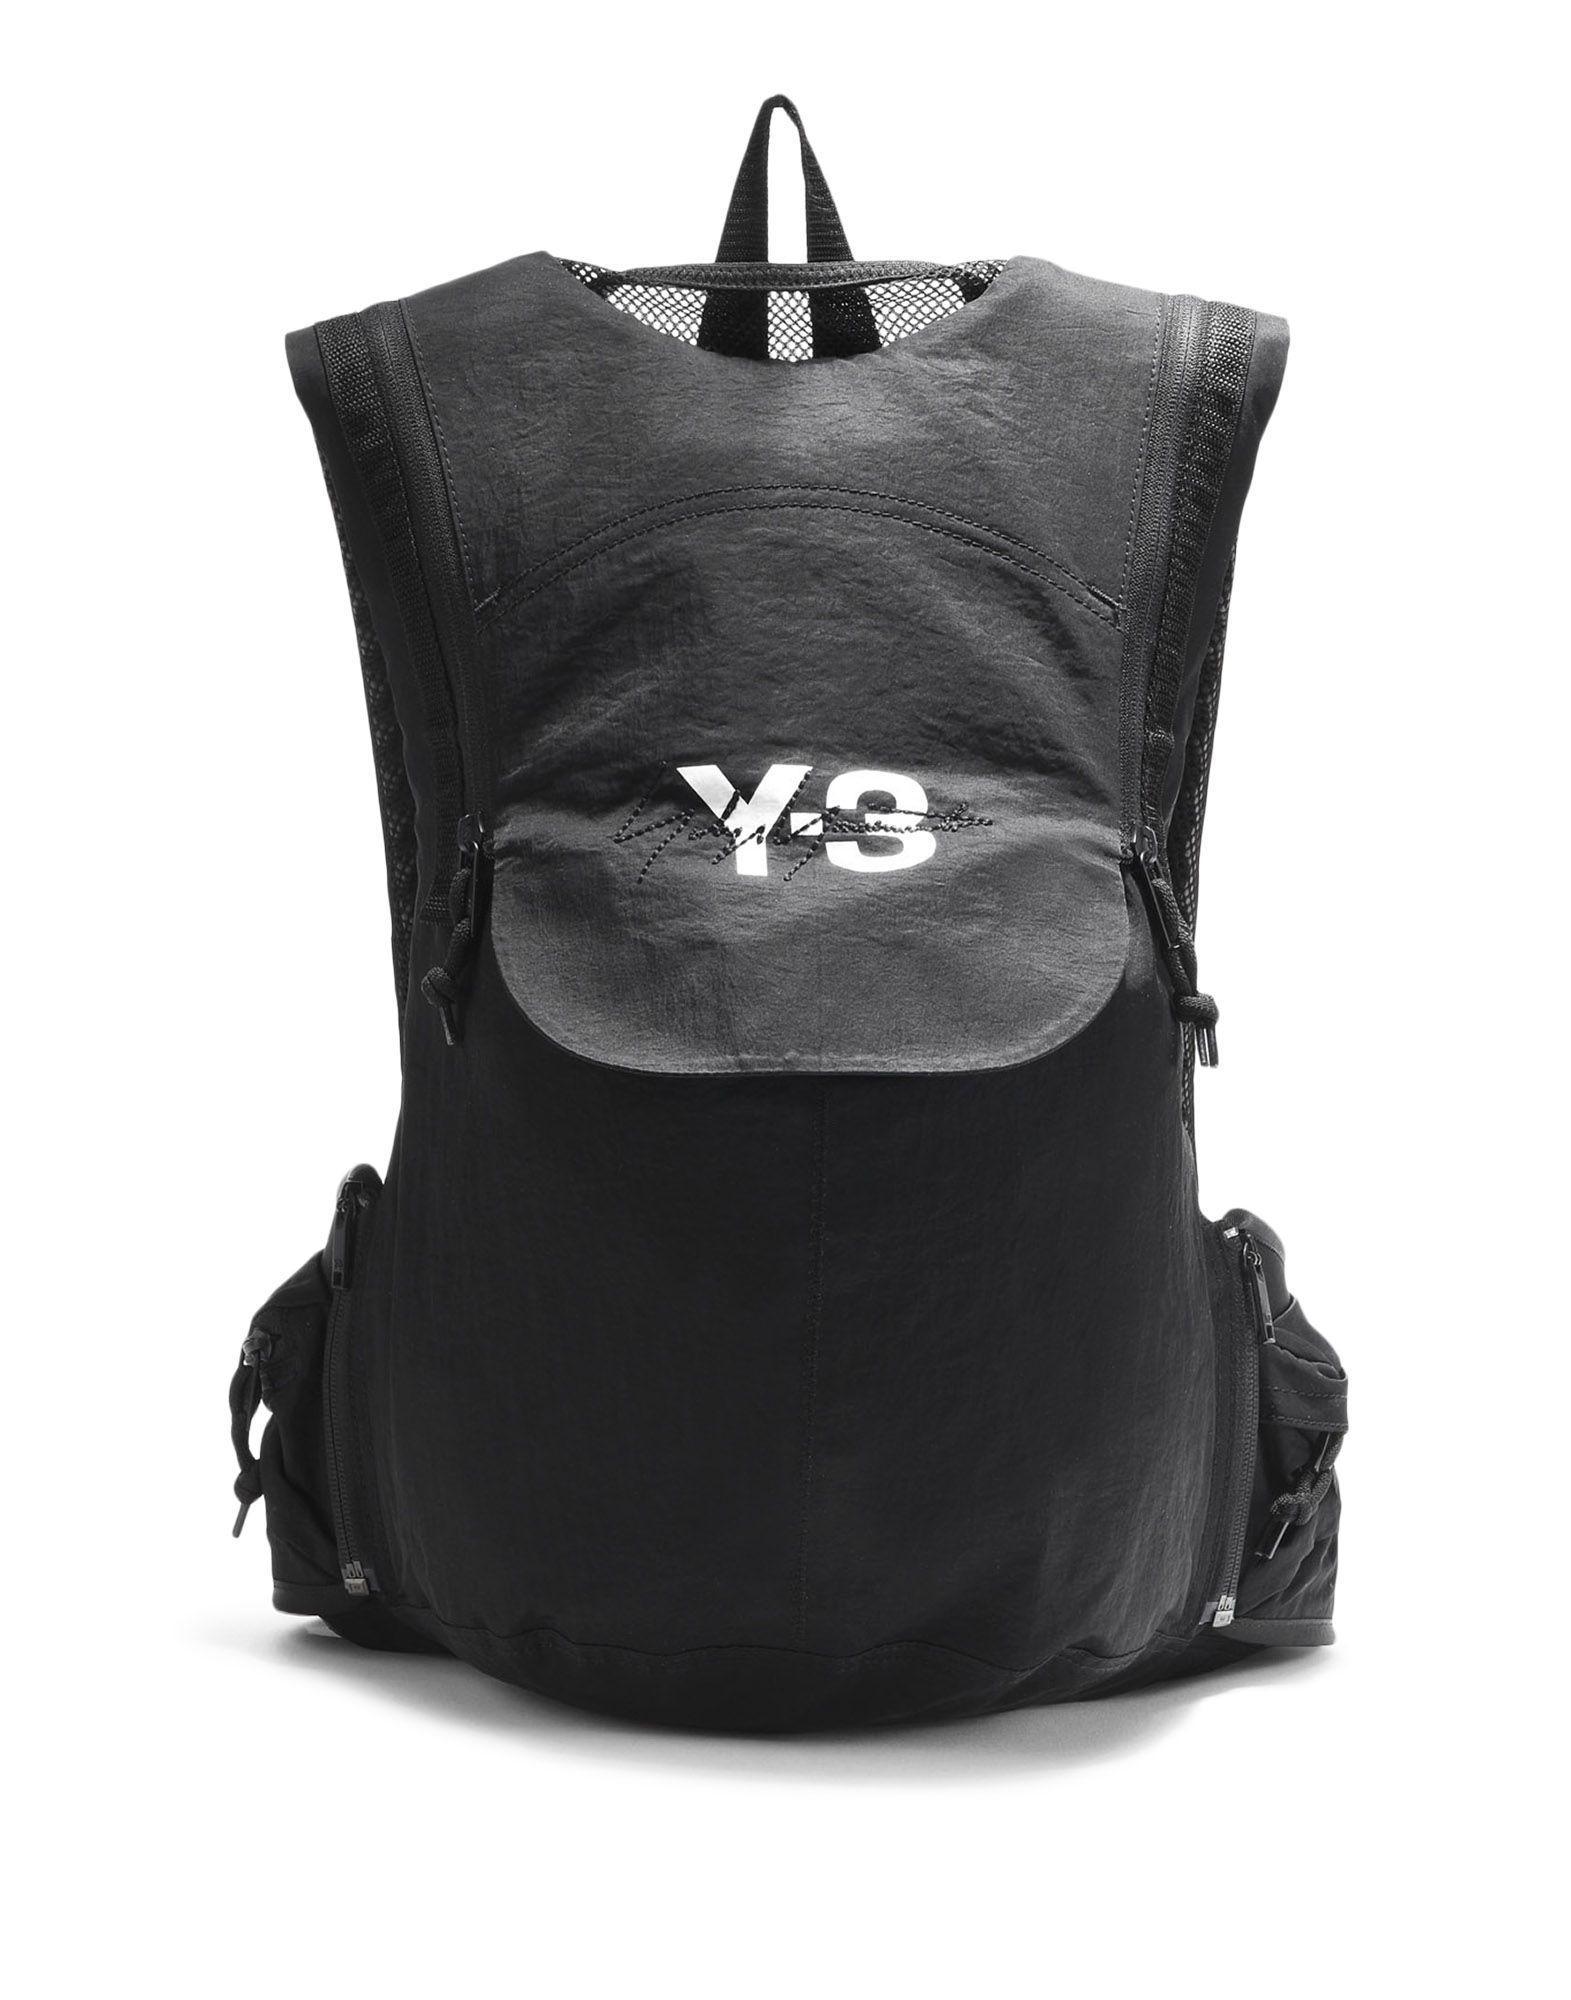 Lyst - Y-3 Running Backpack in Black for Men - Save 34% 5b4ecc064327c